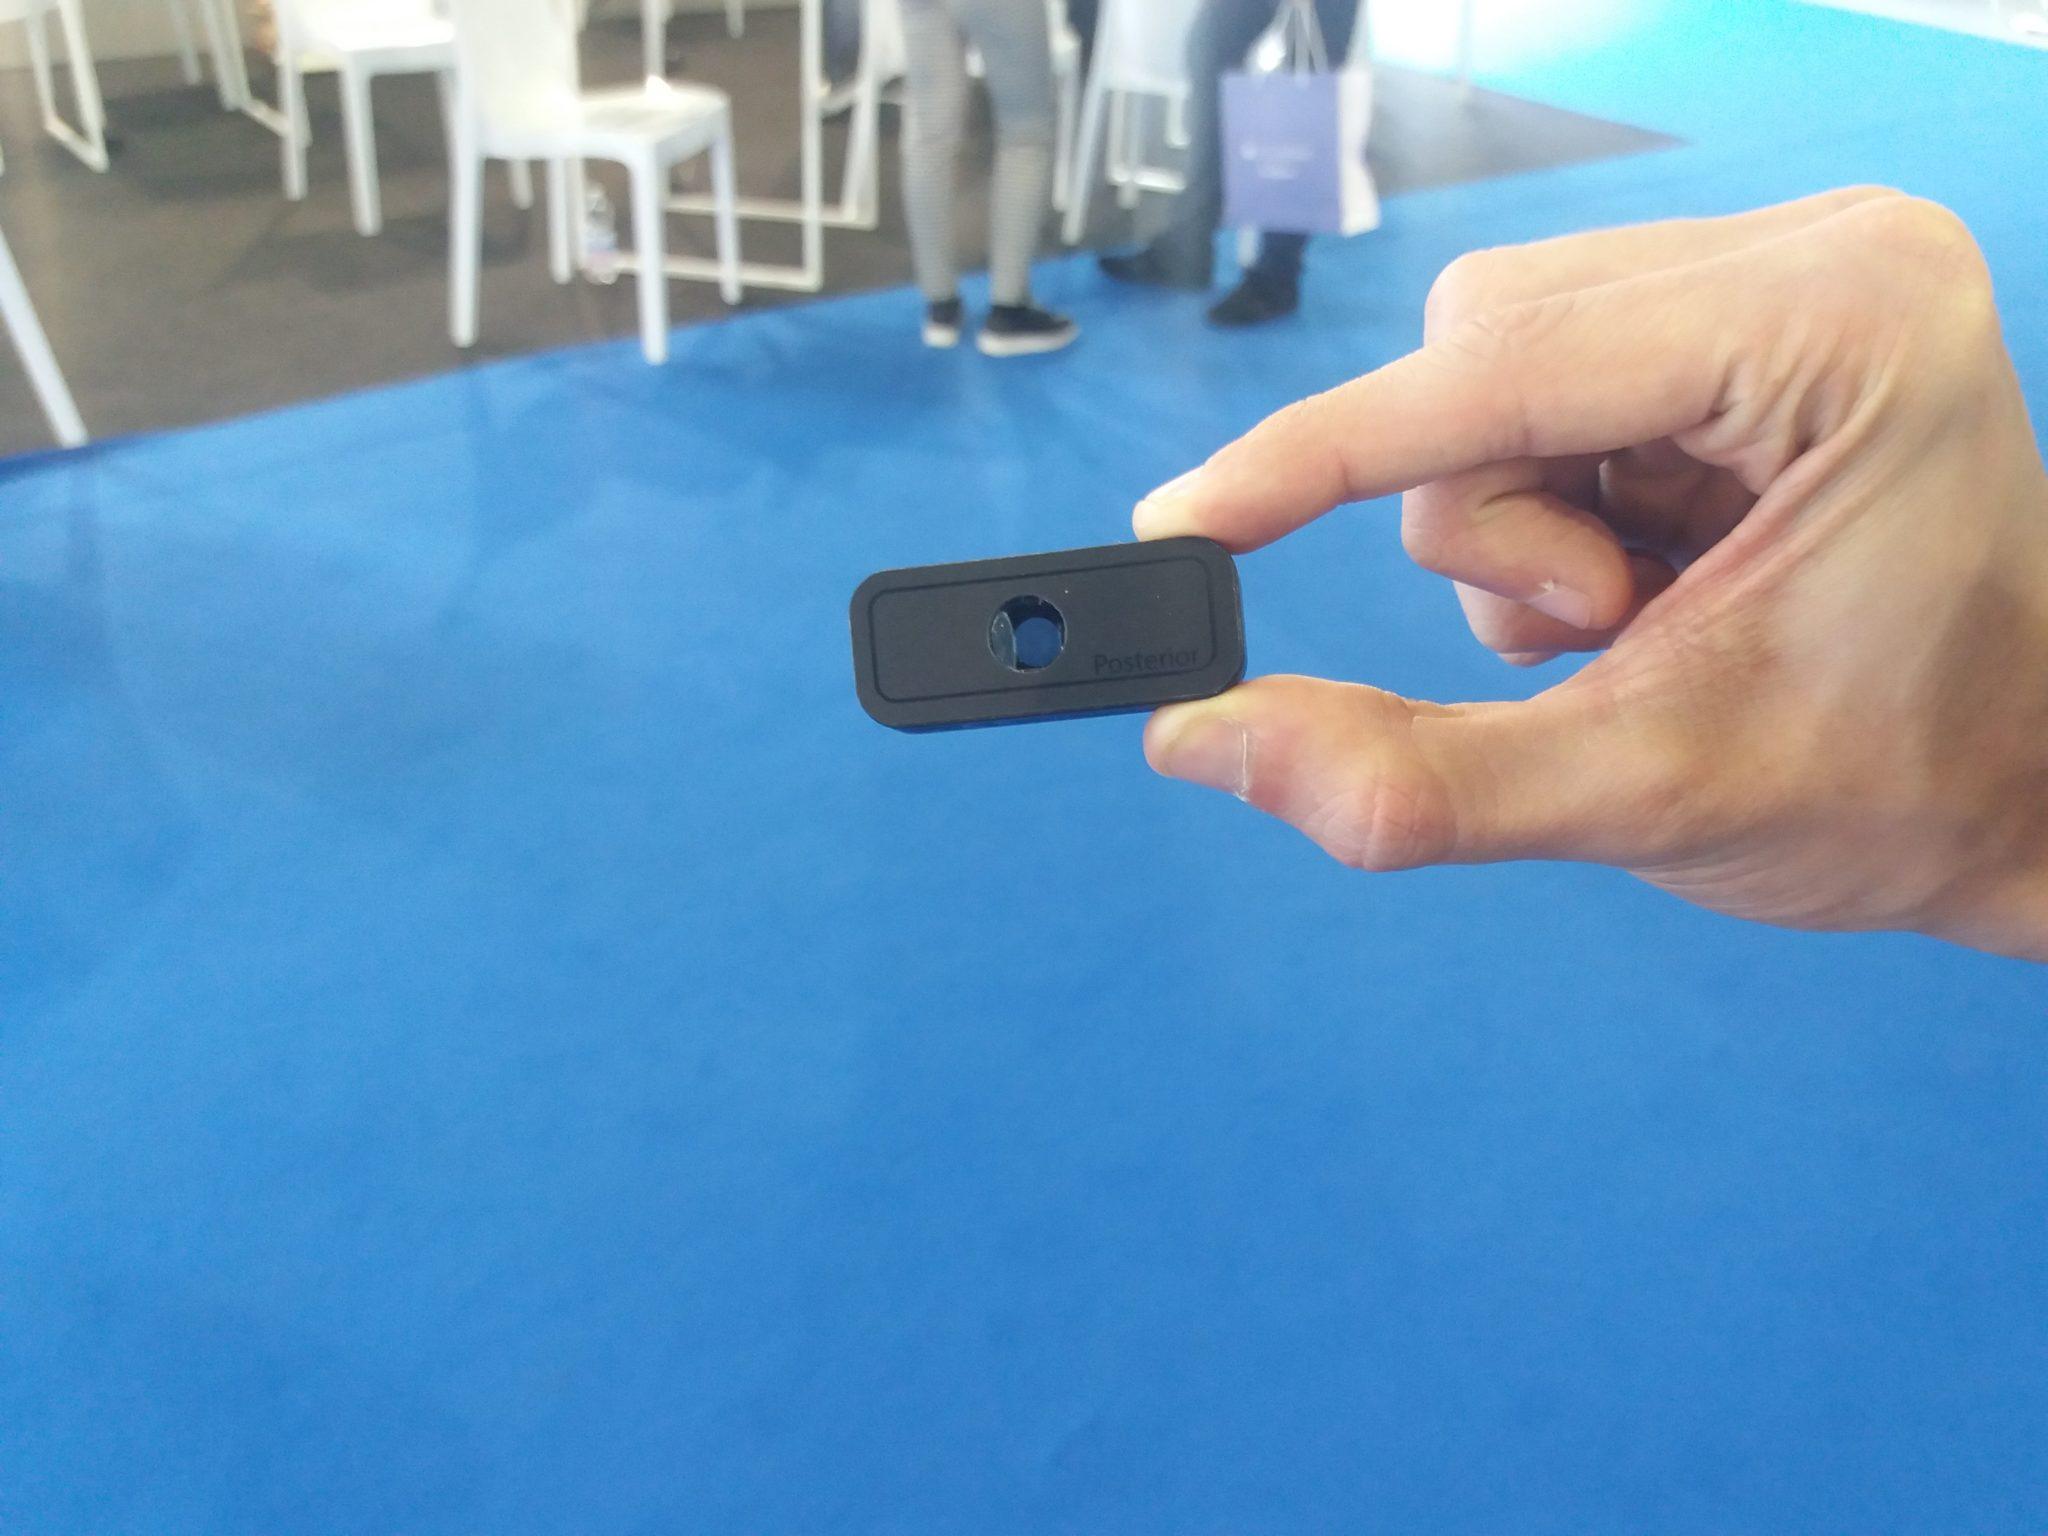 D-Eye placchetta da attaccare allo smartphone per analsi fondo occhio e retina